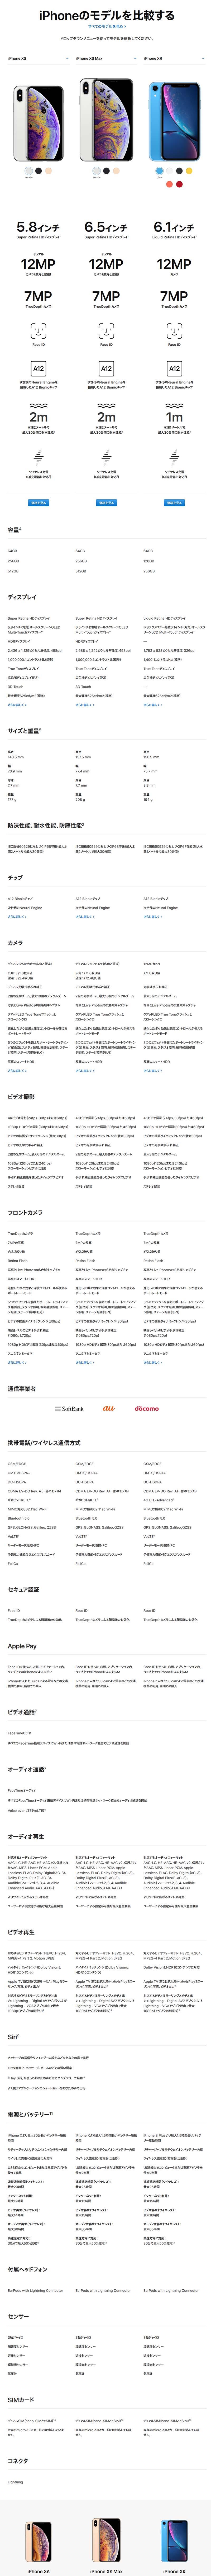 iphone-xs-max2